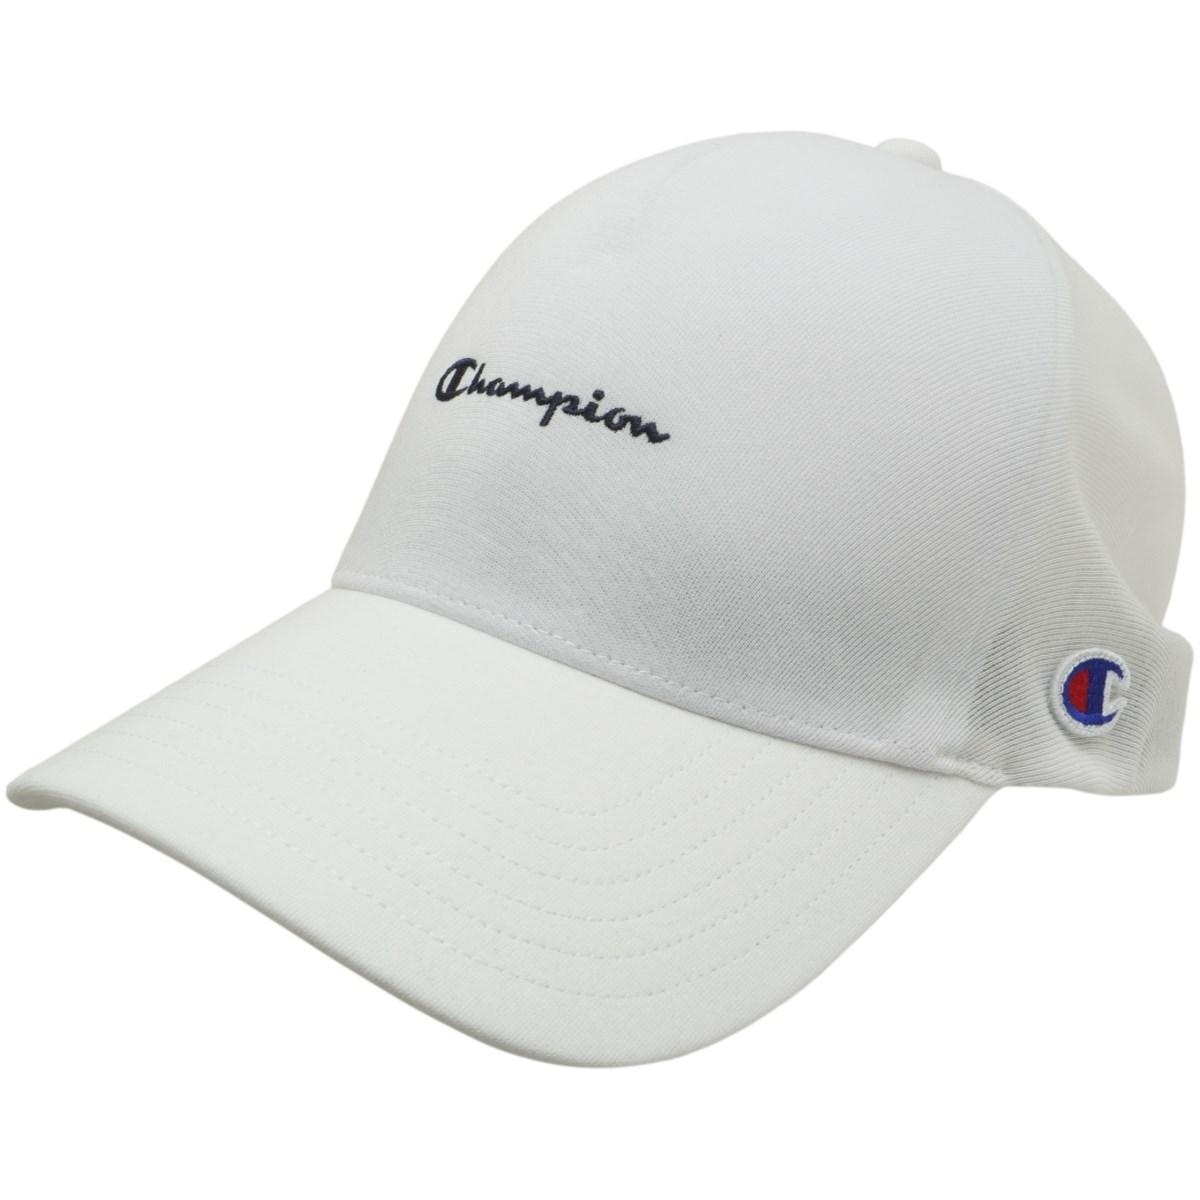 チャンピオンゴルフ Champion GOLF キャップ フリー オフホワイト 020 レディス